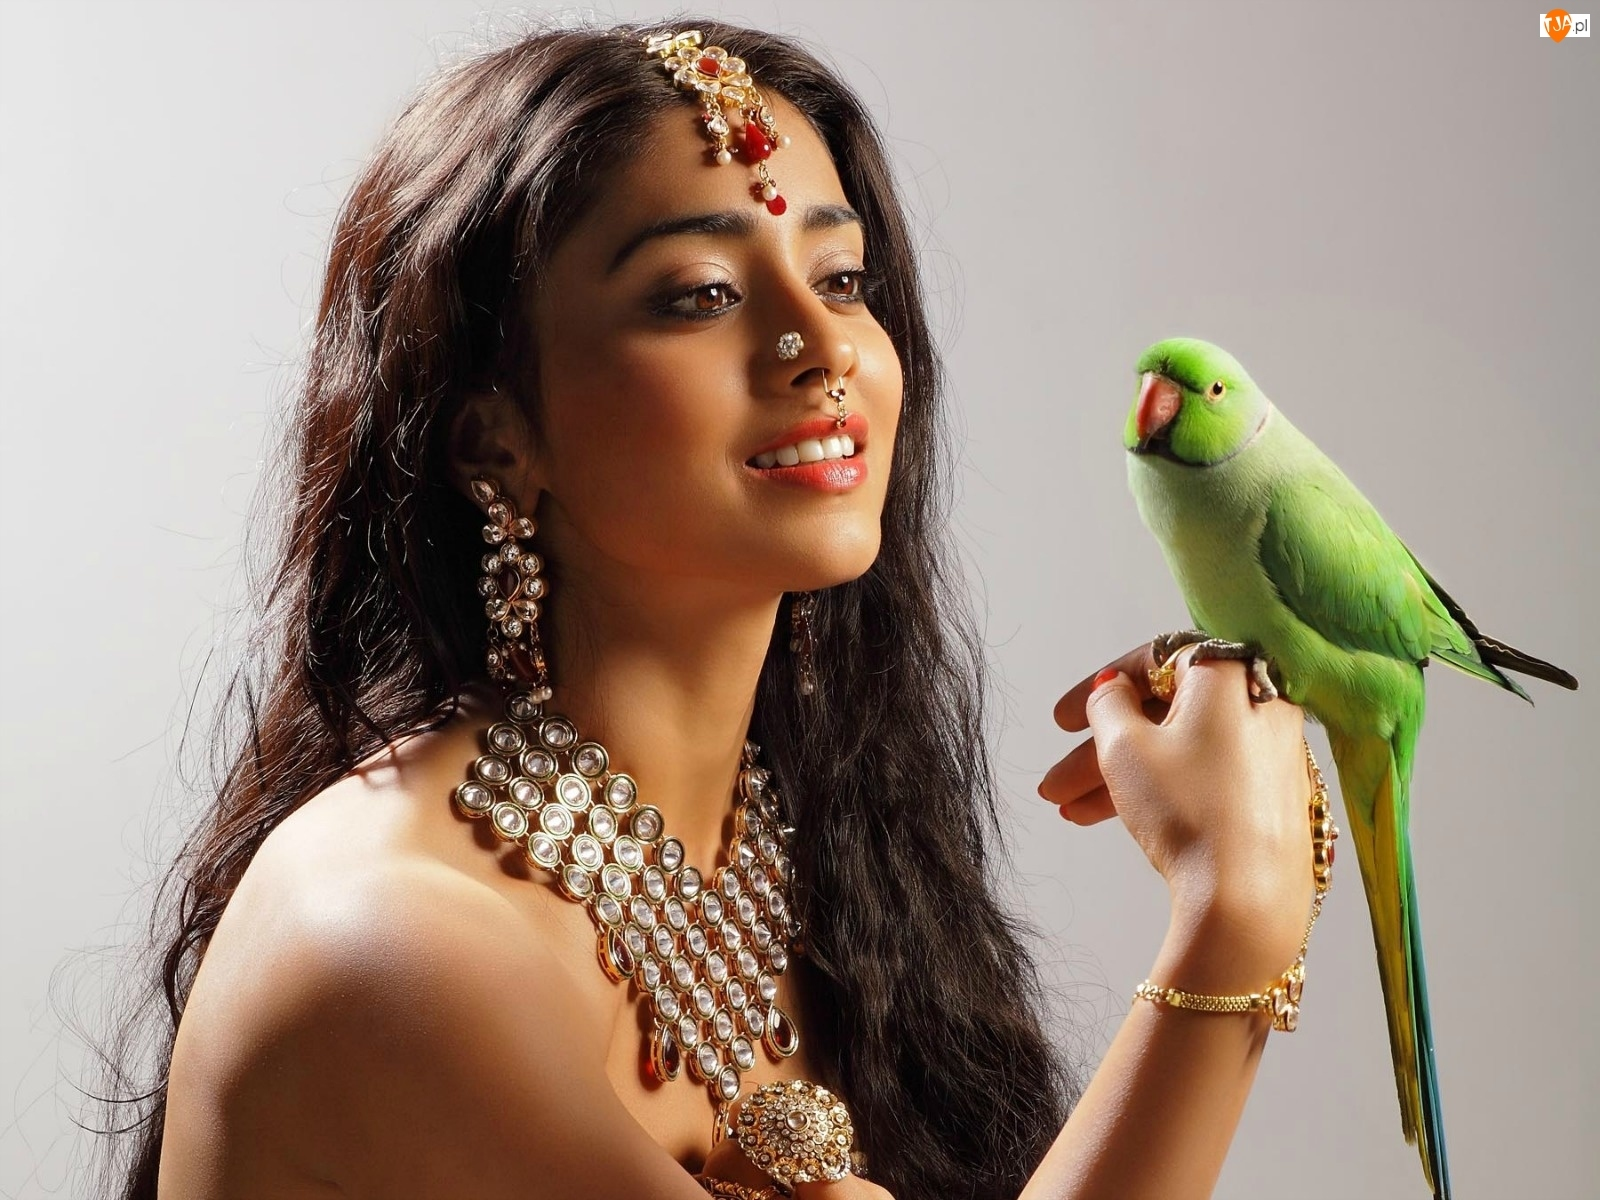 Biżuteria, Zielona, Piękna, Papuga, Hinduska, Makijaż